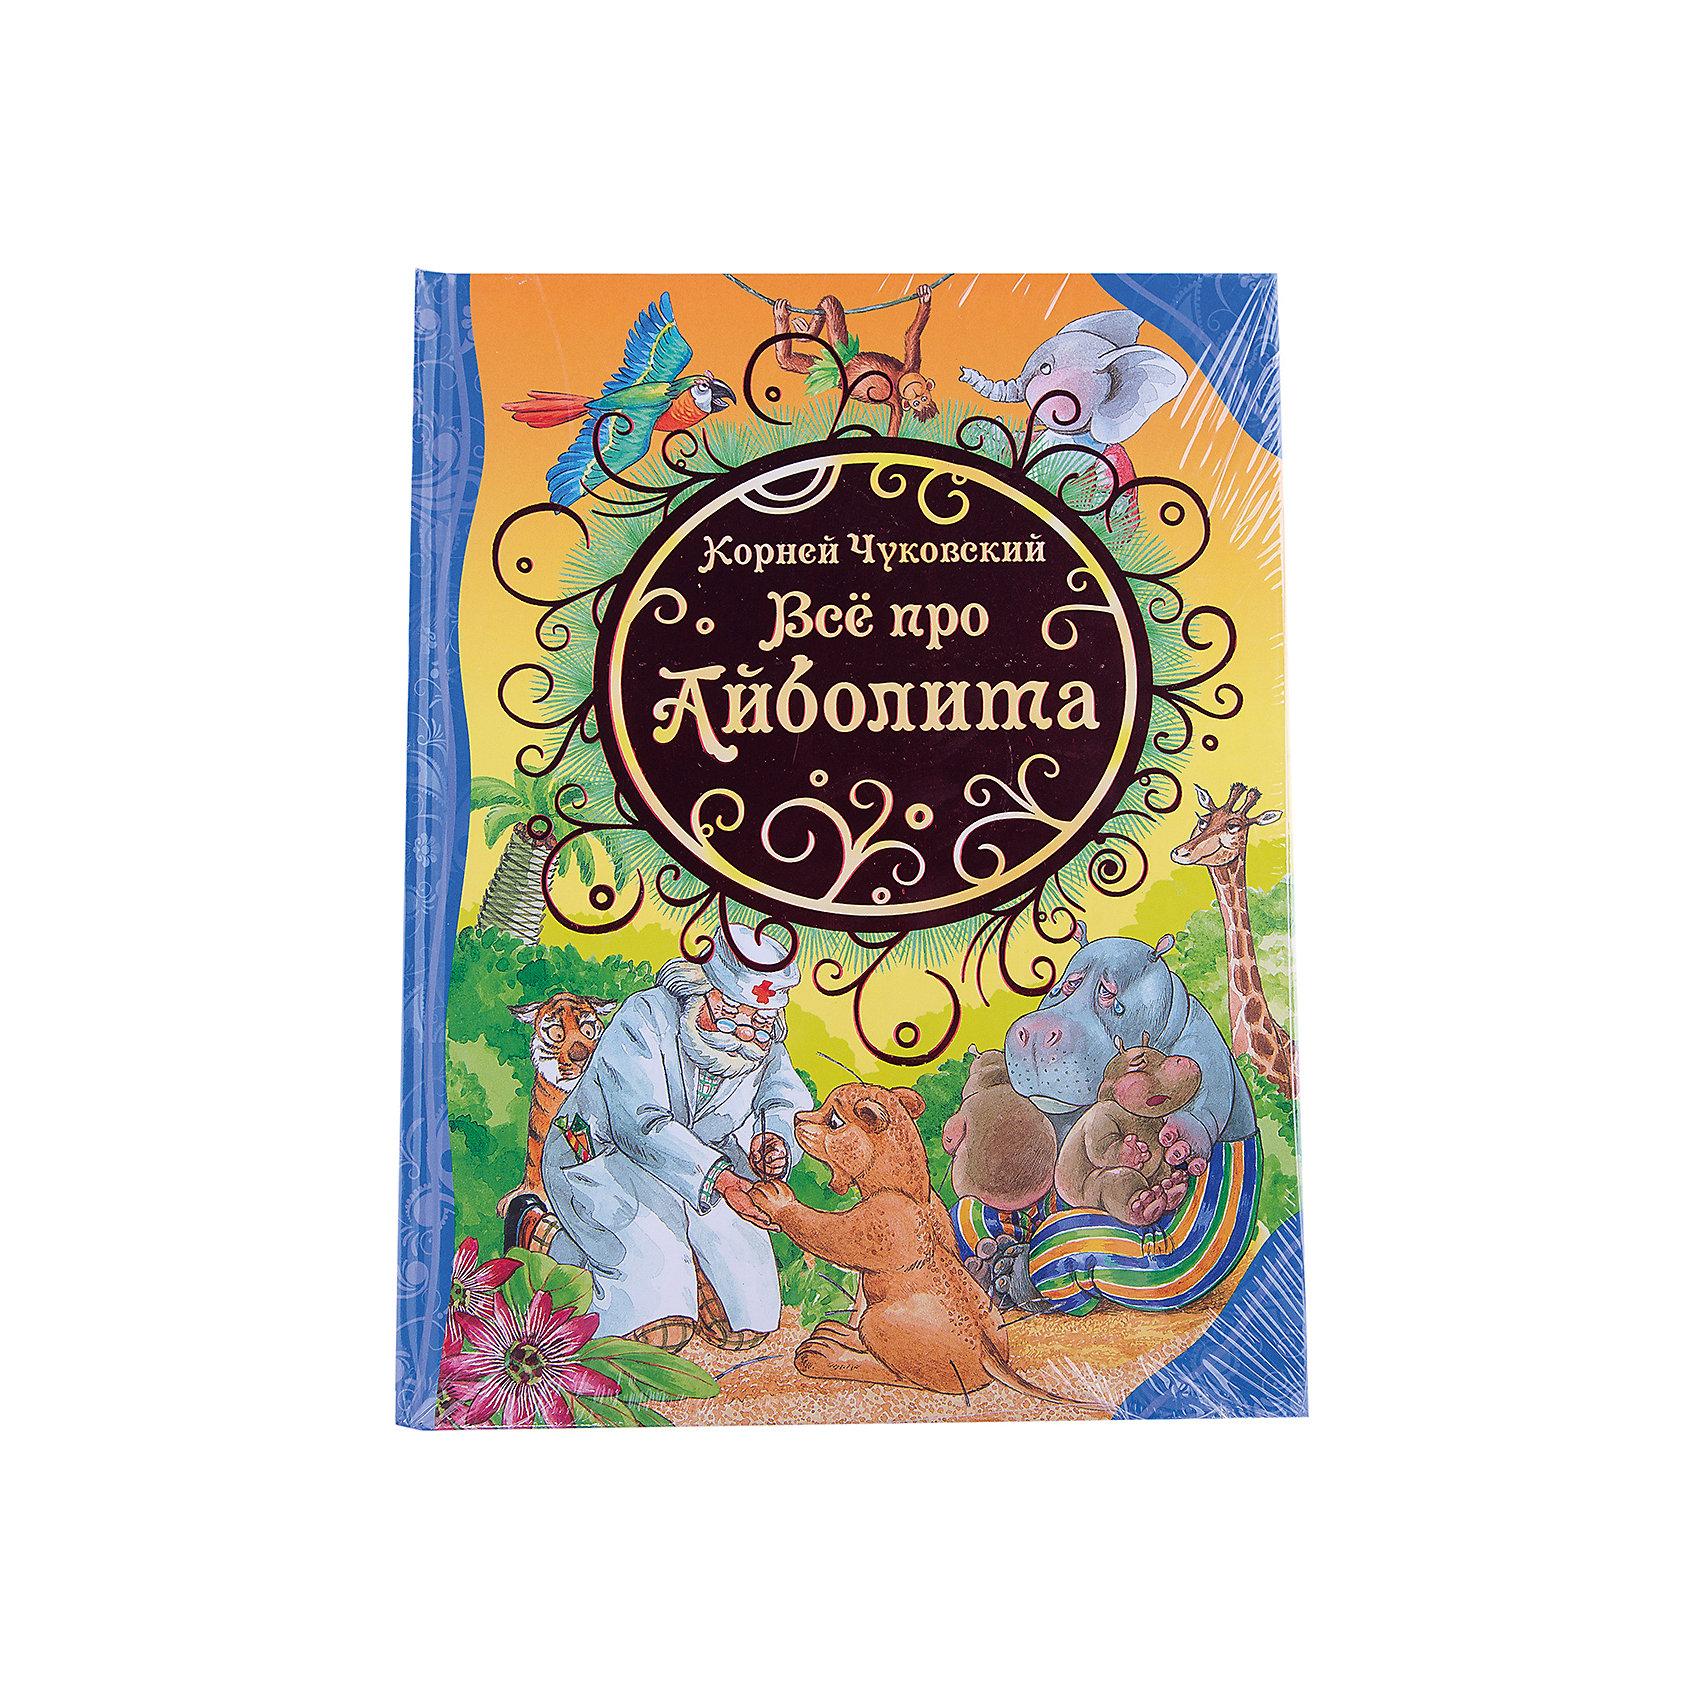 Росмэн Все про Айболита, К. Чуковский художественные книги росмэн книга кротик любимые истории